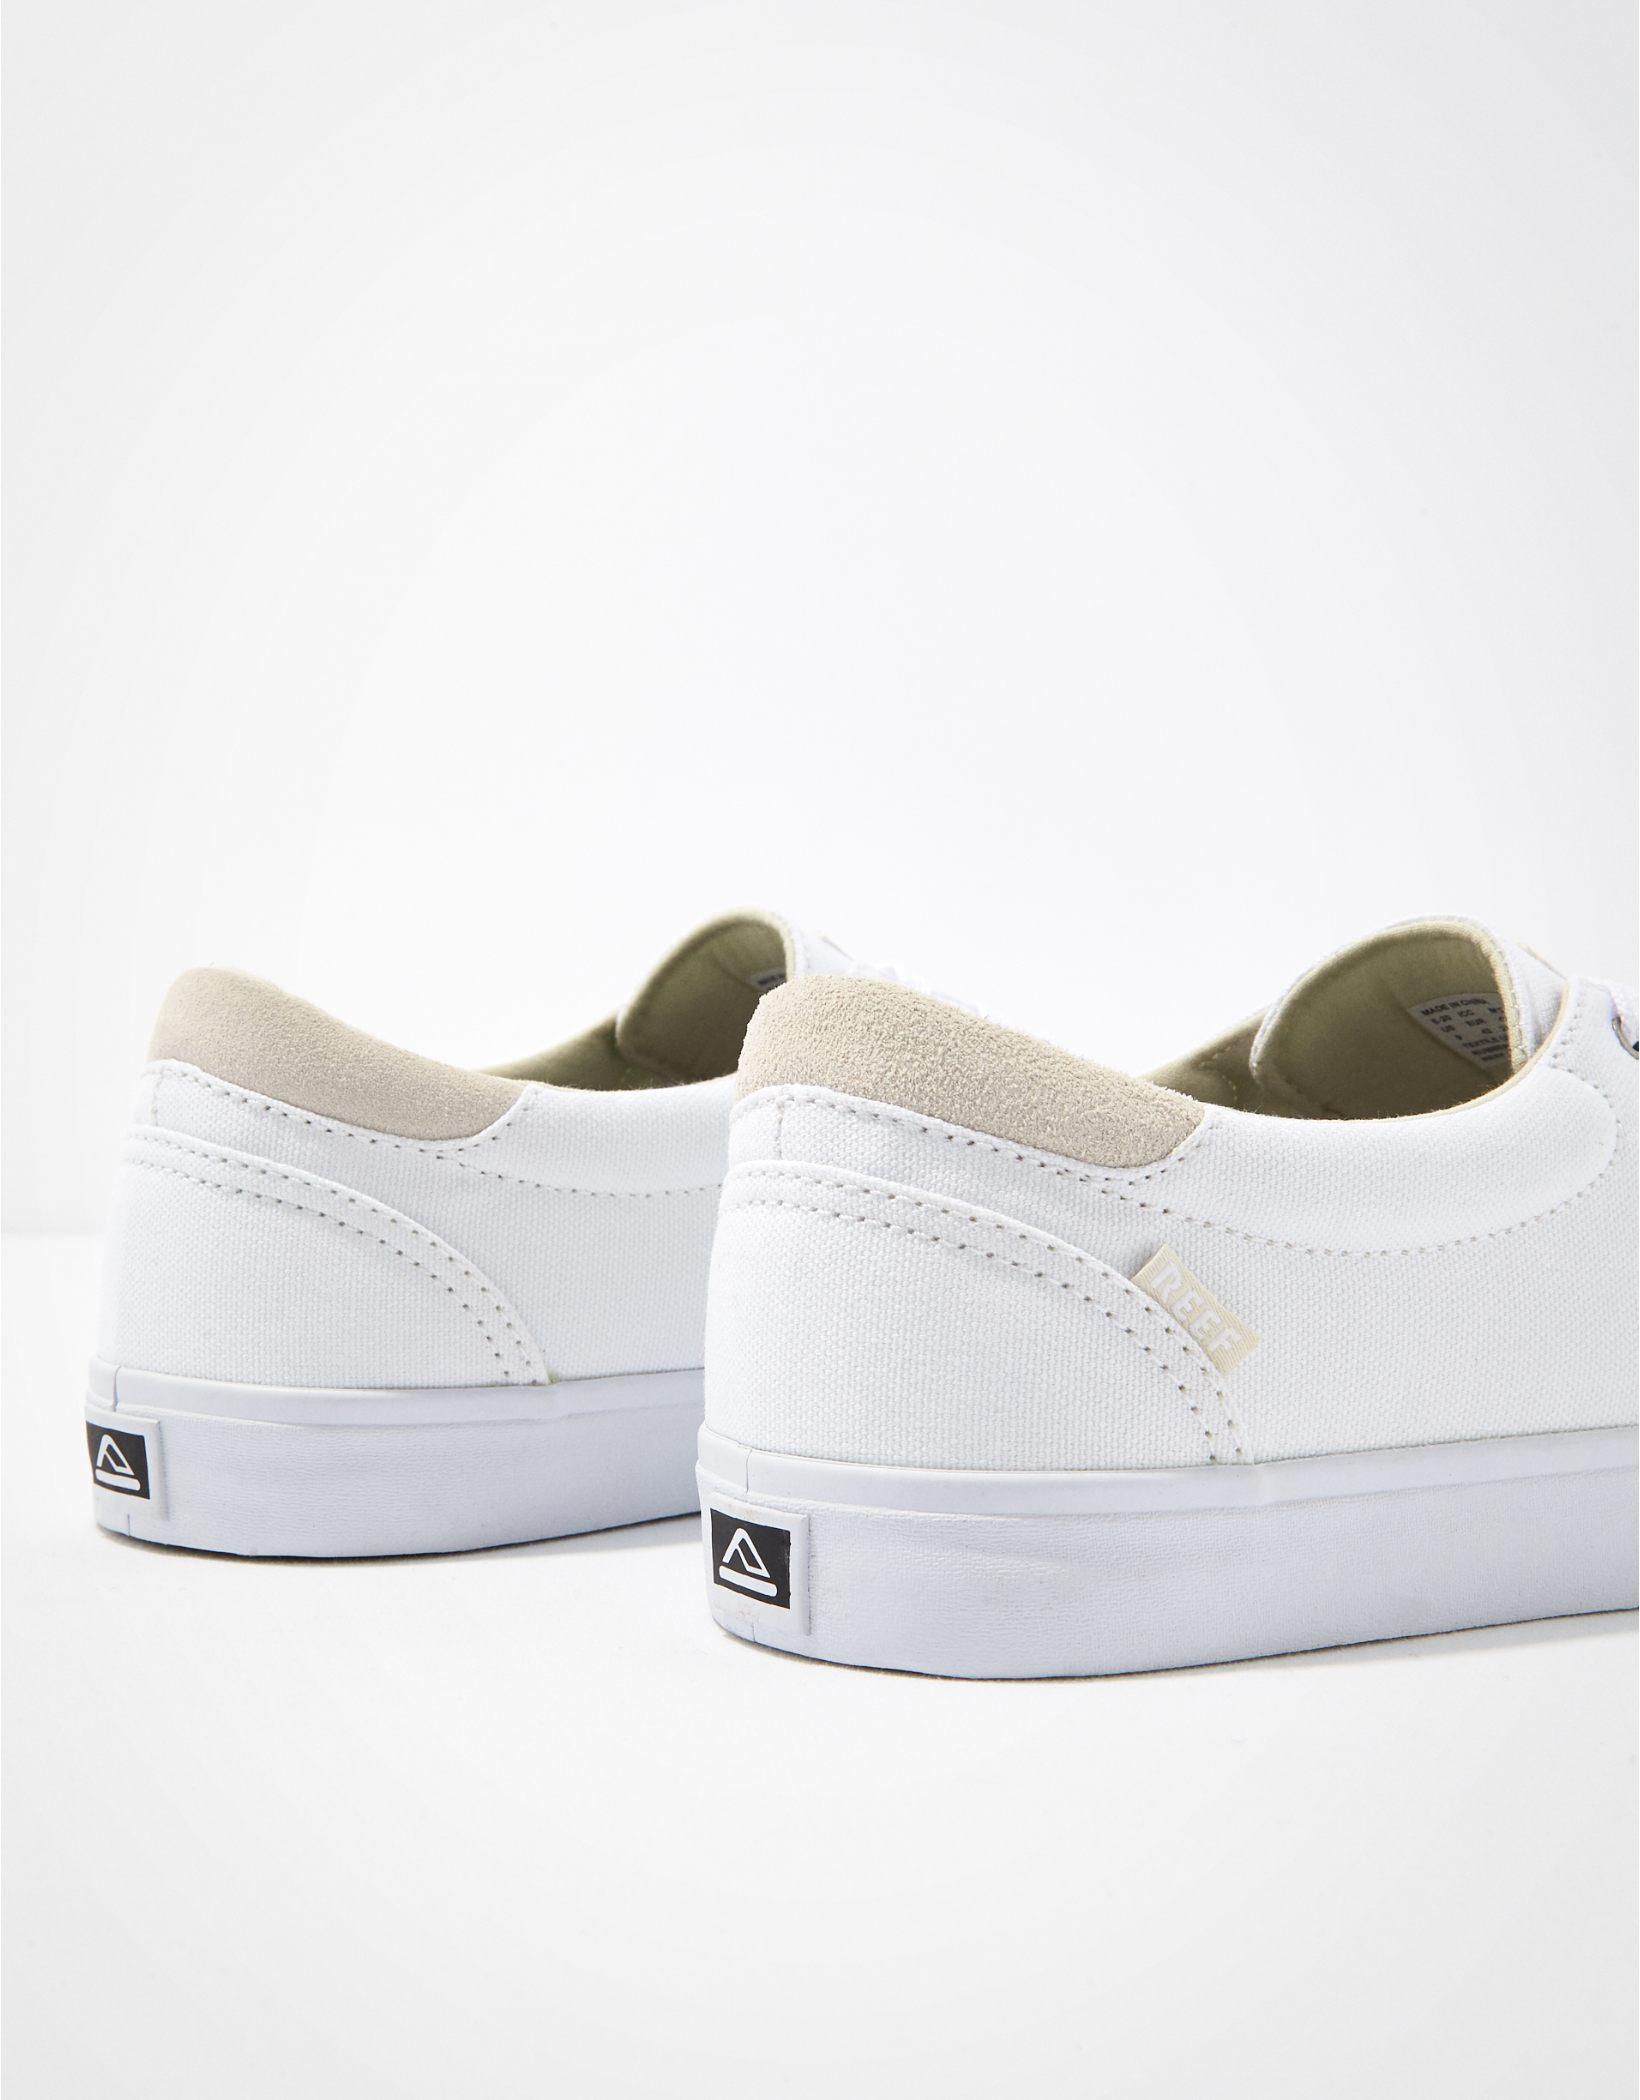 Reef Deckhand 3 Shoe